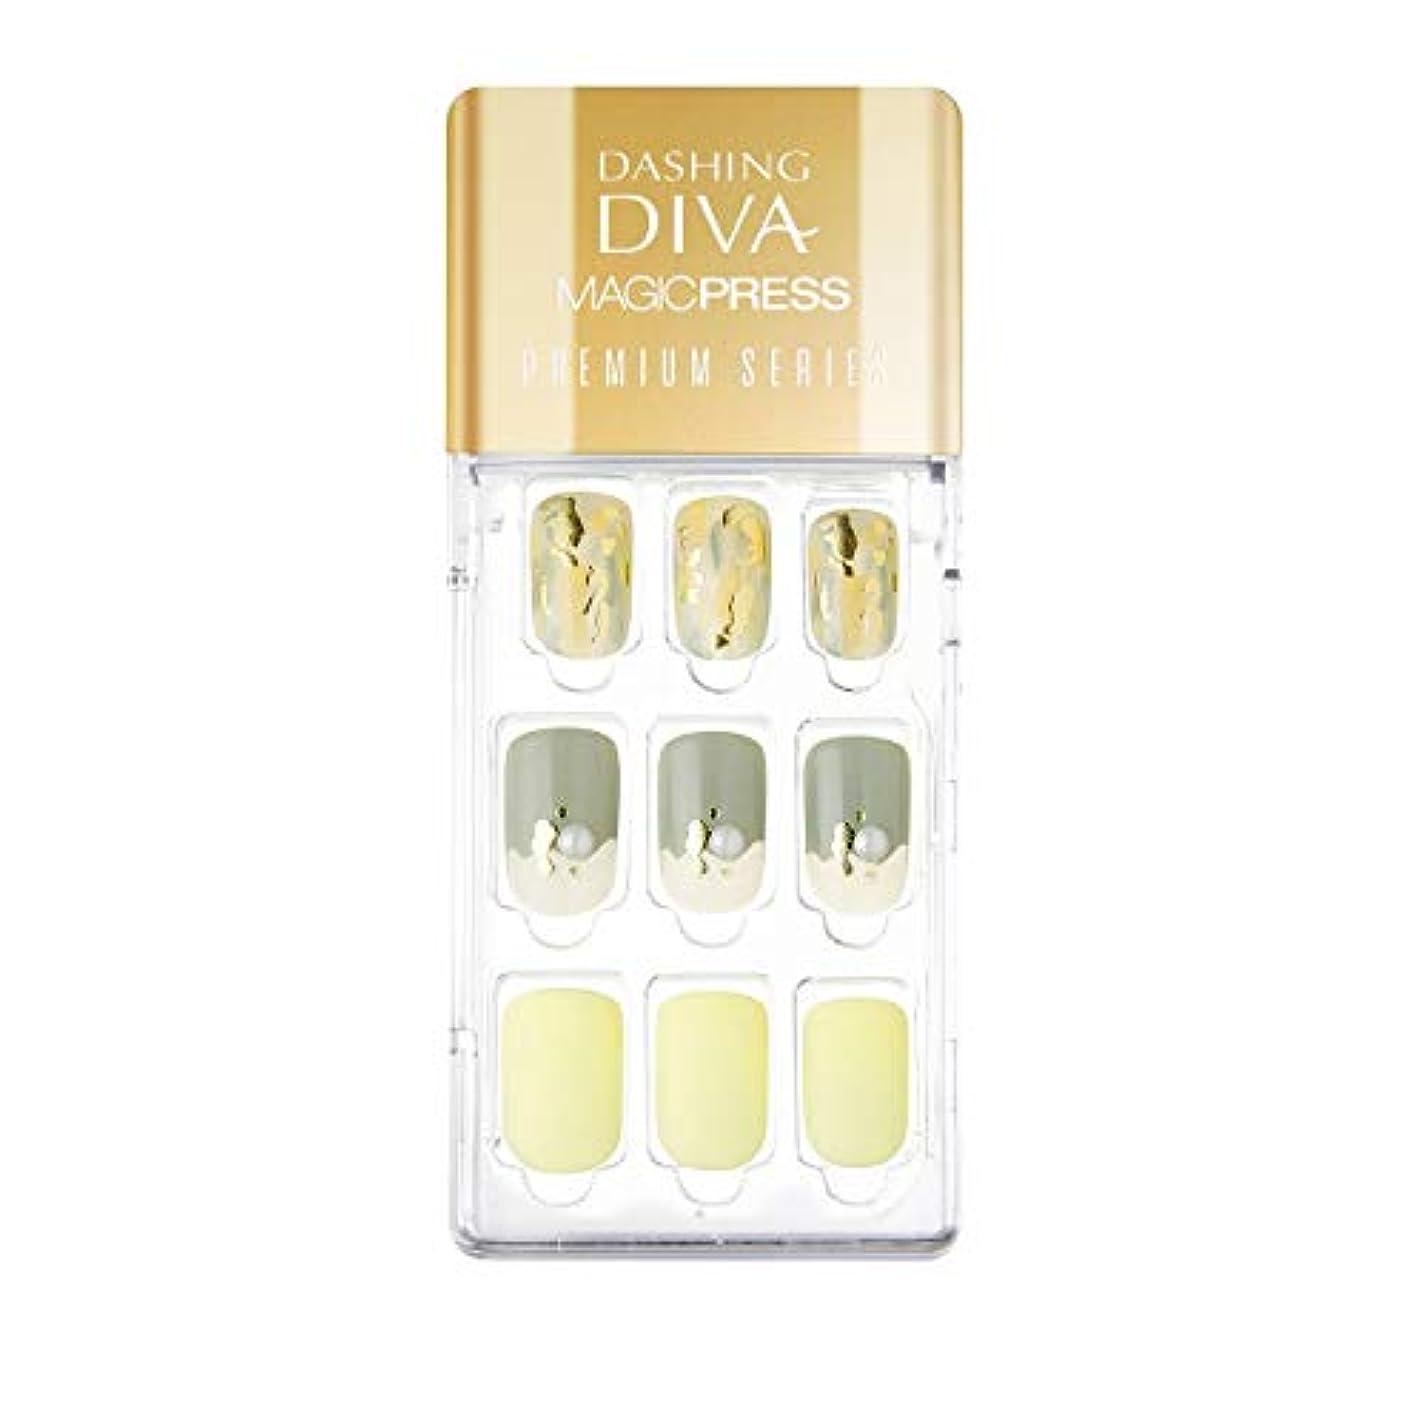 とティーム病院手順ダッシングディバ マジックプレス DASHING DIVA MagicPress MDR_327PR-DURY+ オリジナルジェル ネイルチップ Fresh Mint